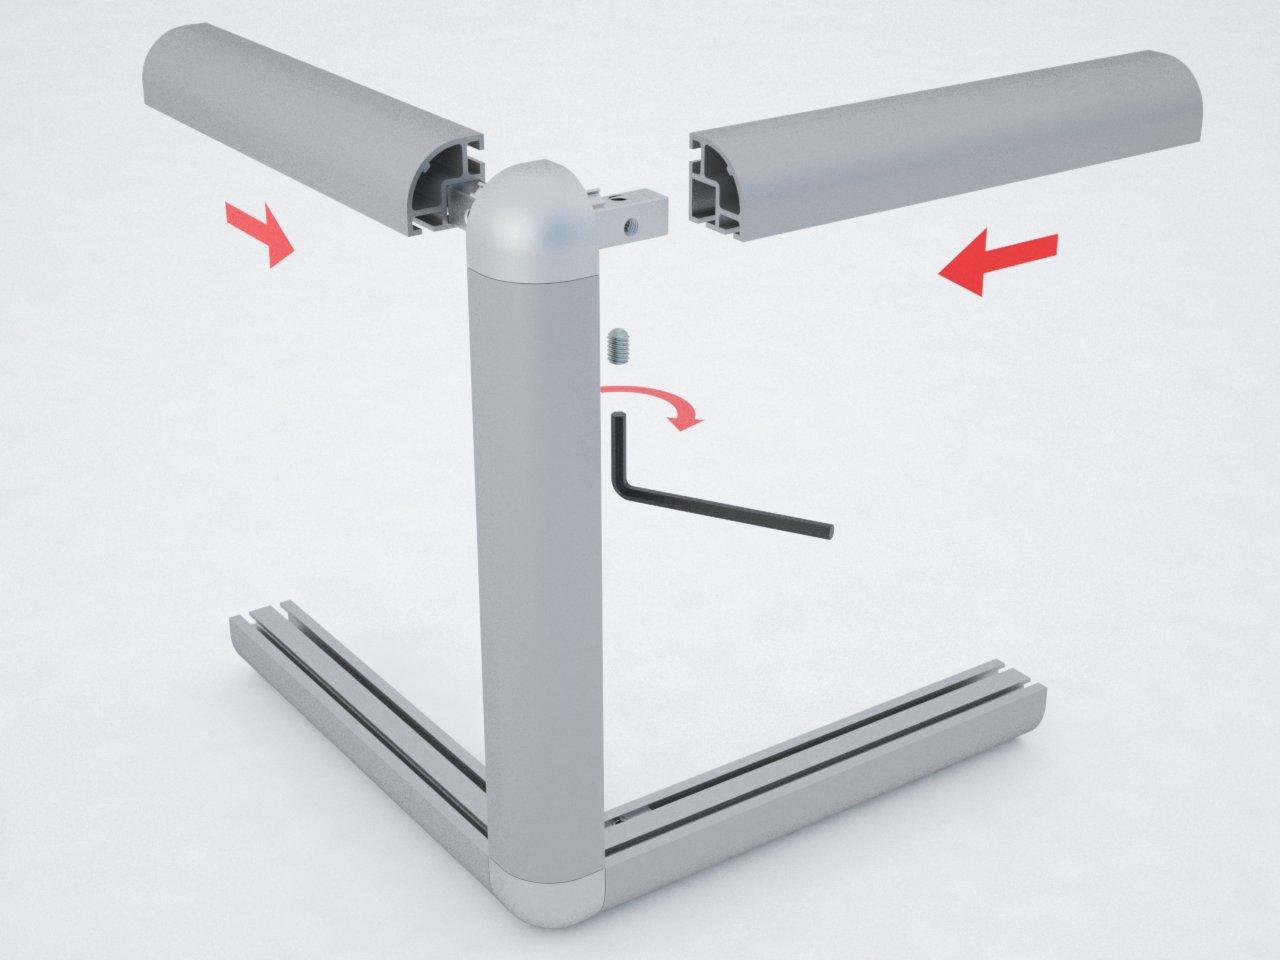 Detalhe da montagem da conexão C551 com o perfil de alumínio C550 para formar estruturas para móveis, vitrines, e outras finalidades